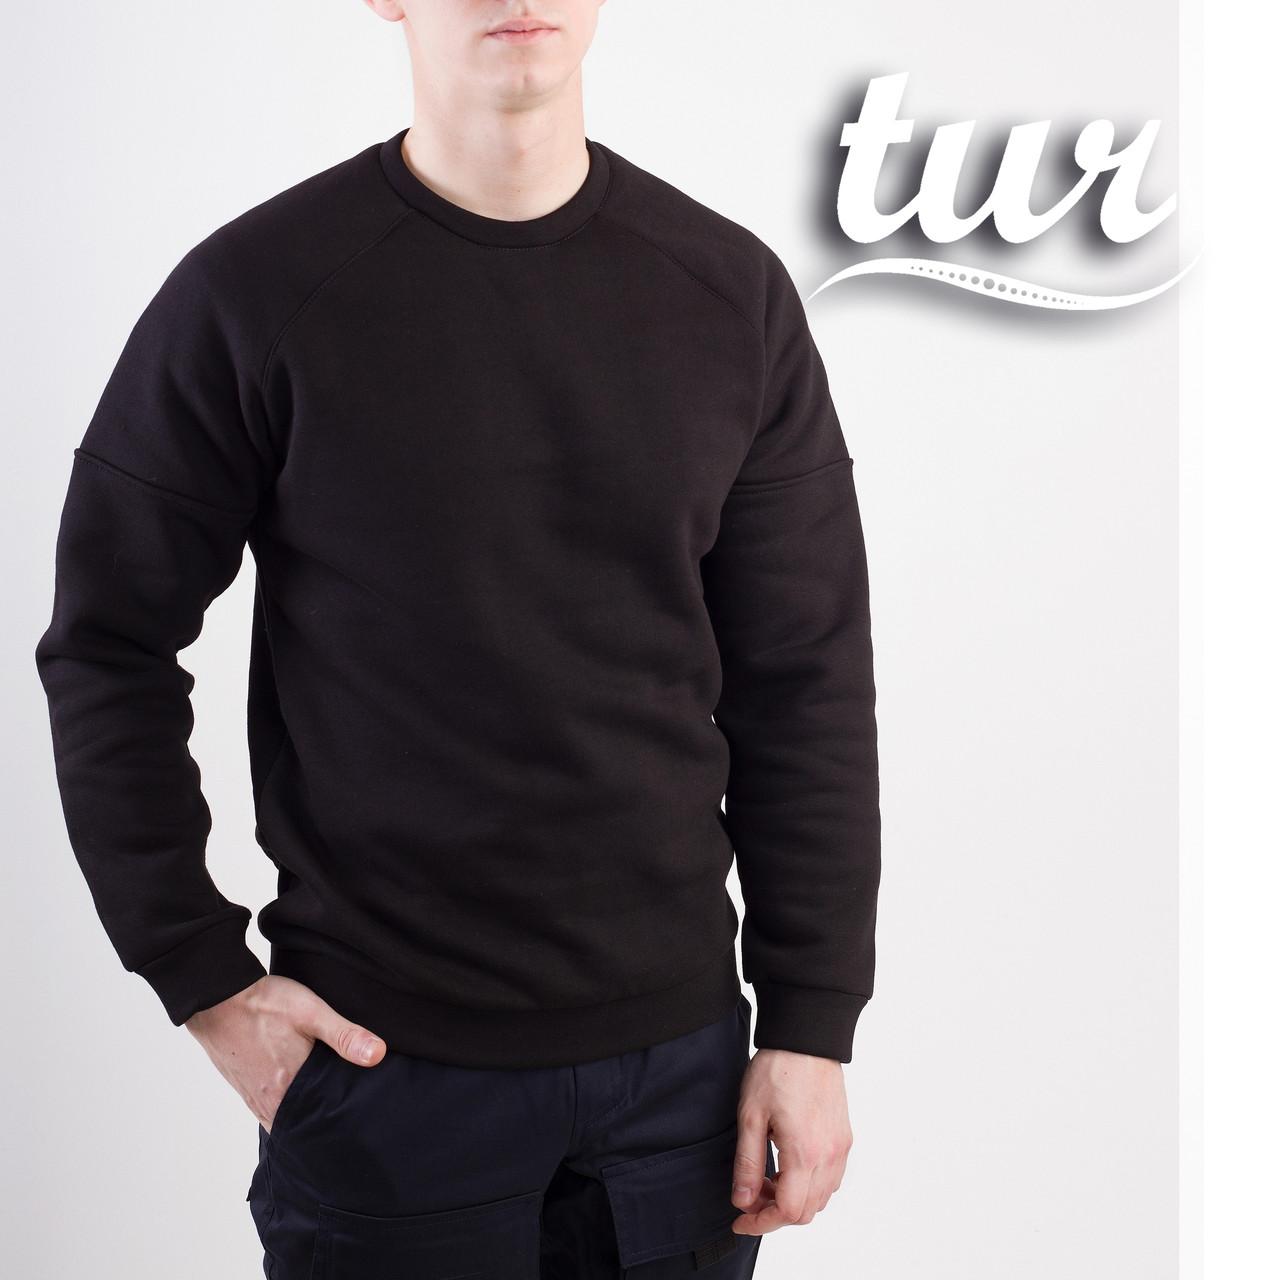 Зимний свитшот реглан мужской чёрный от бренда ТУР Сектор (Sector) размер S, M, L, XL